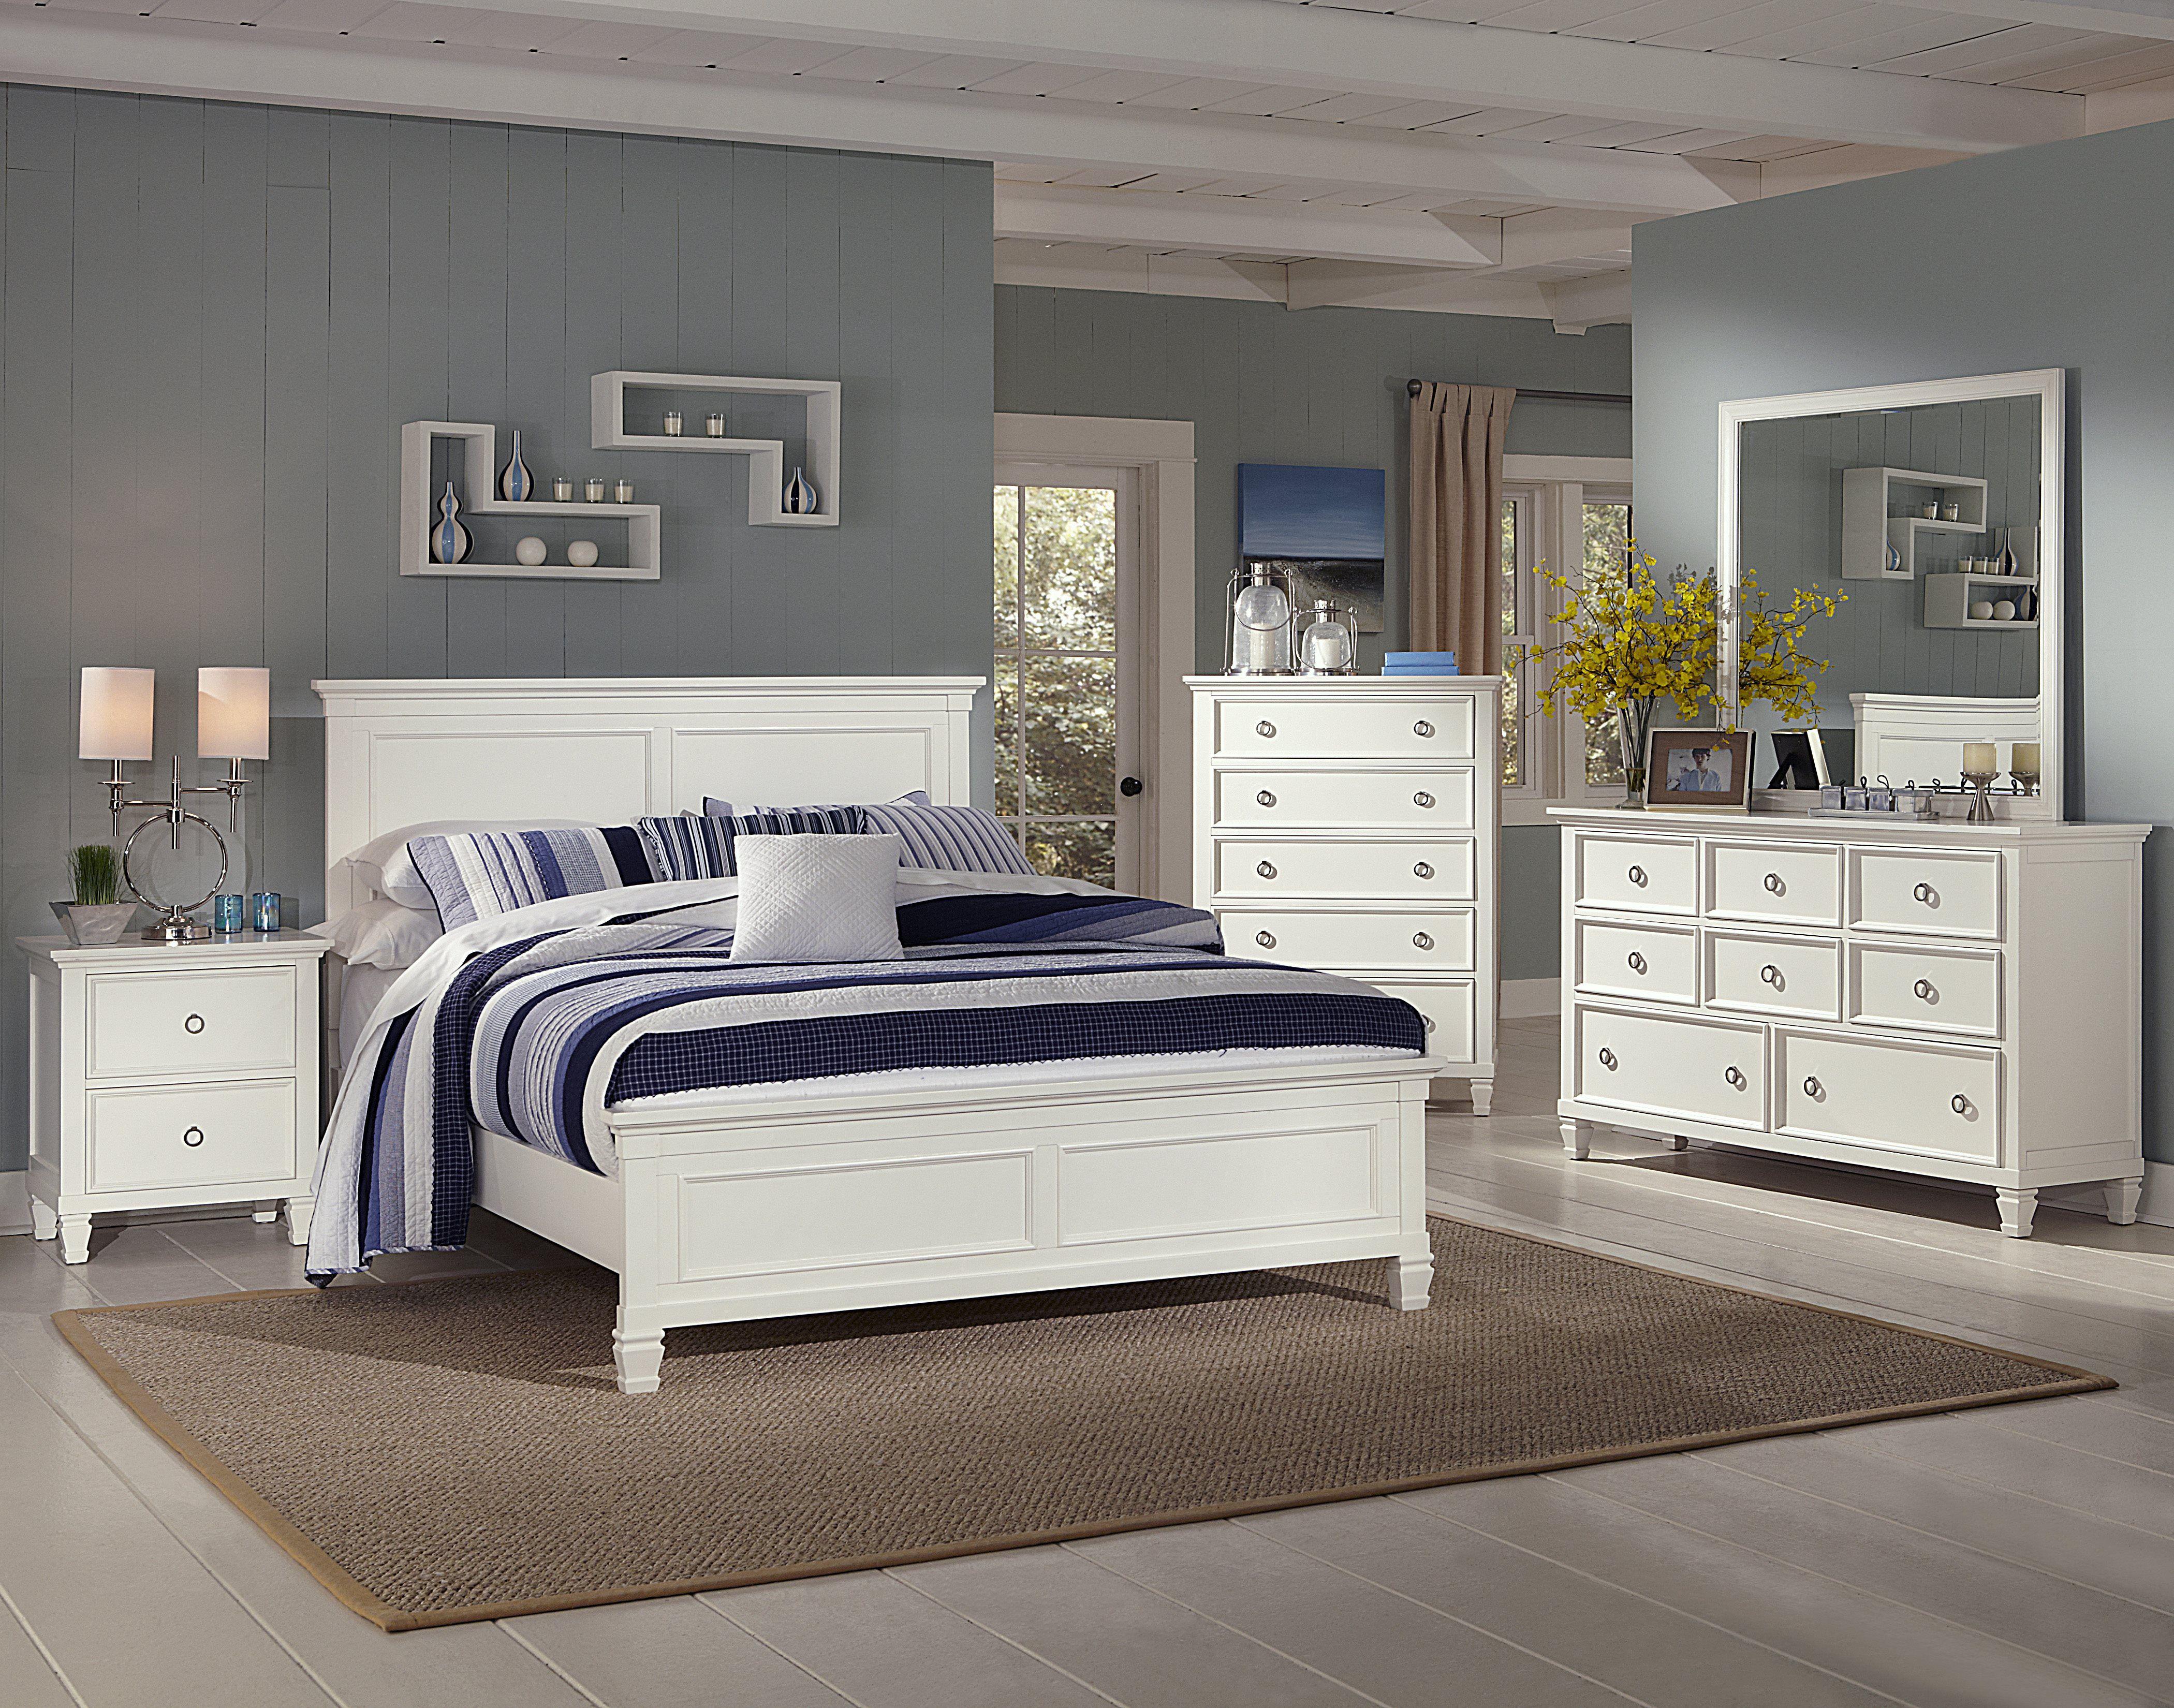 Darvin Furniture Orland Park, Chicago, IL Bedroom sets